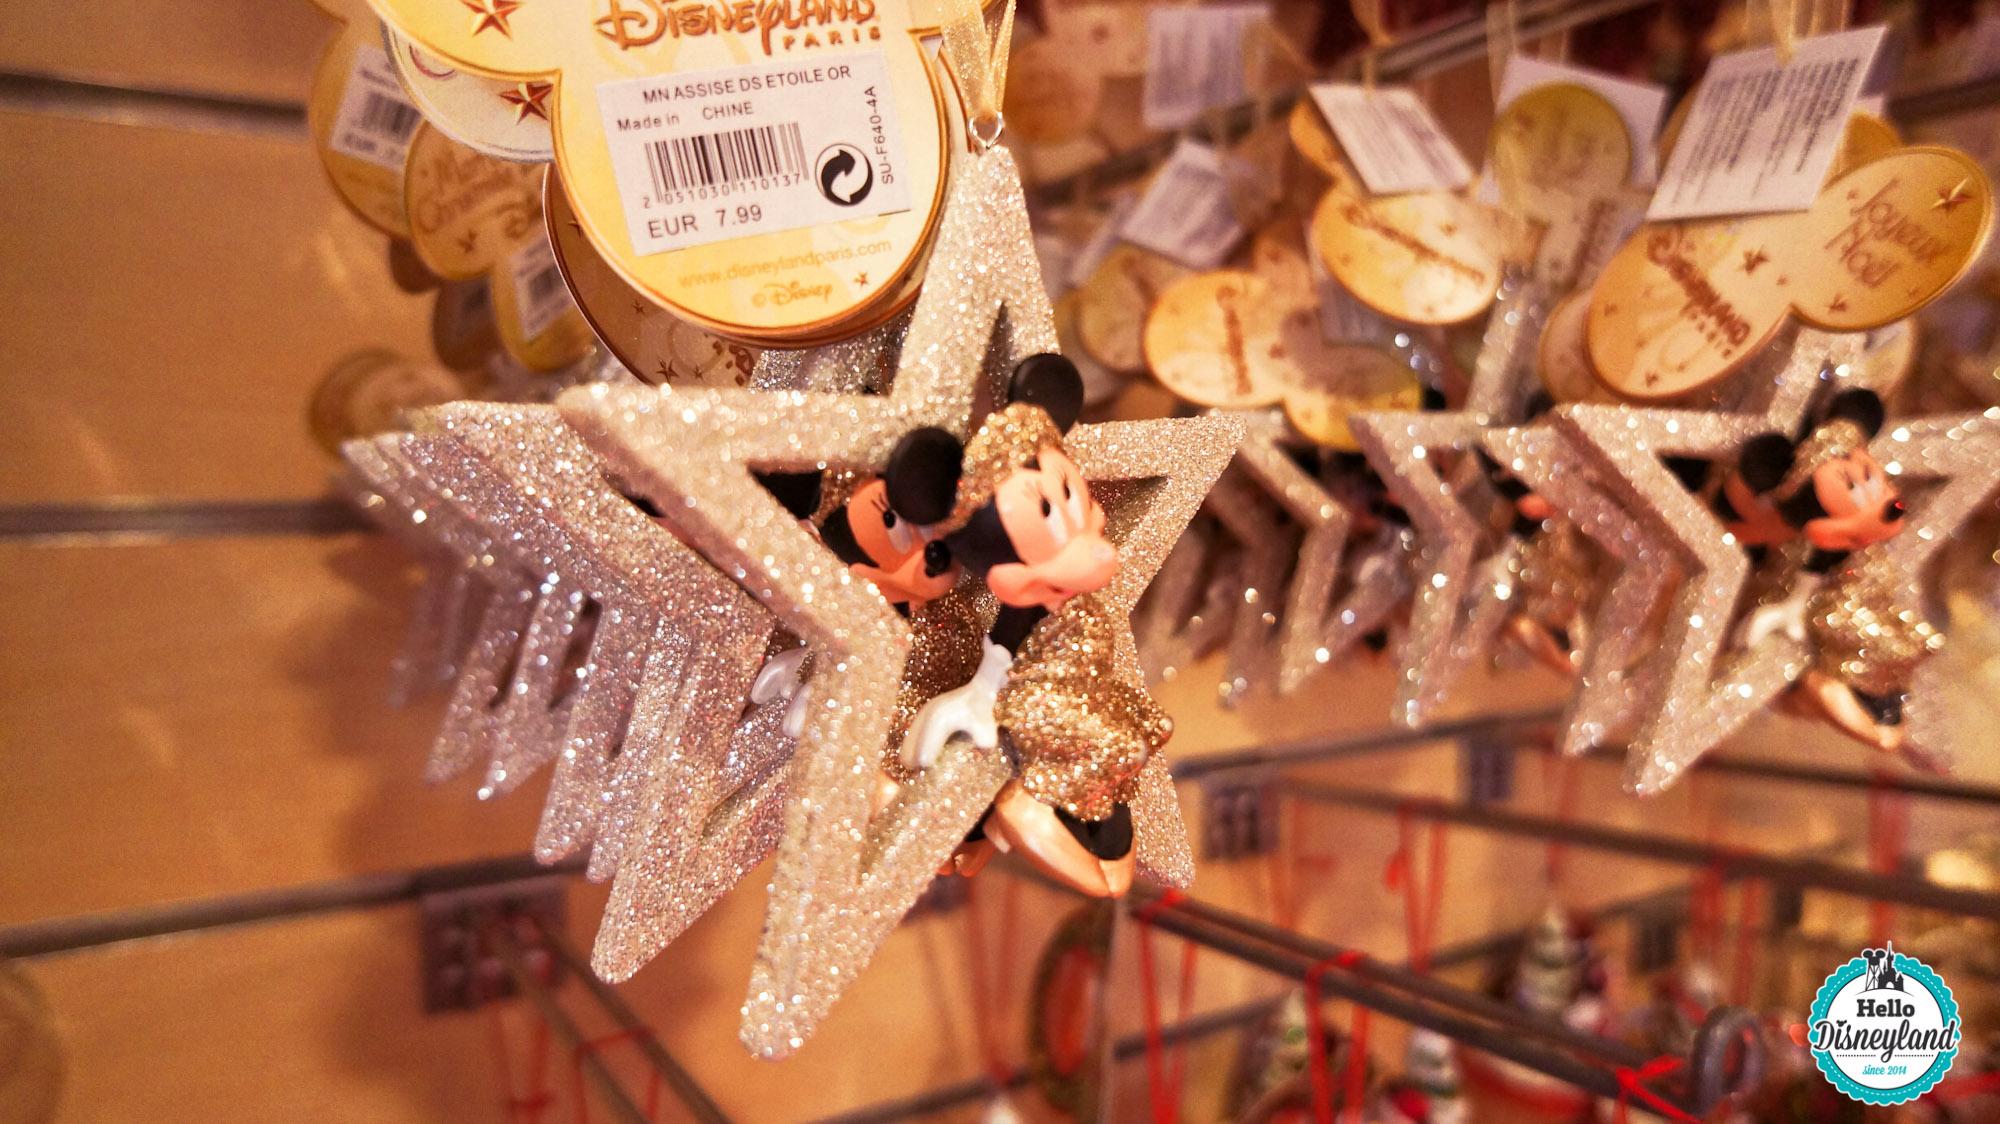 #19ABB2 Hello Disneyland : Le Blog N°1 Sur Disneyland Paris Les  5785 les decorations de noel 2000x1124 px @ aertt.com